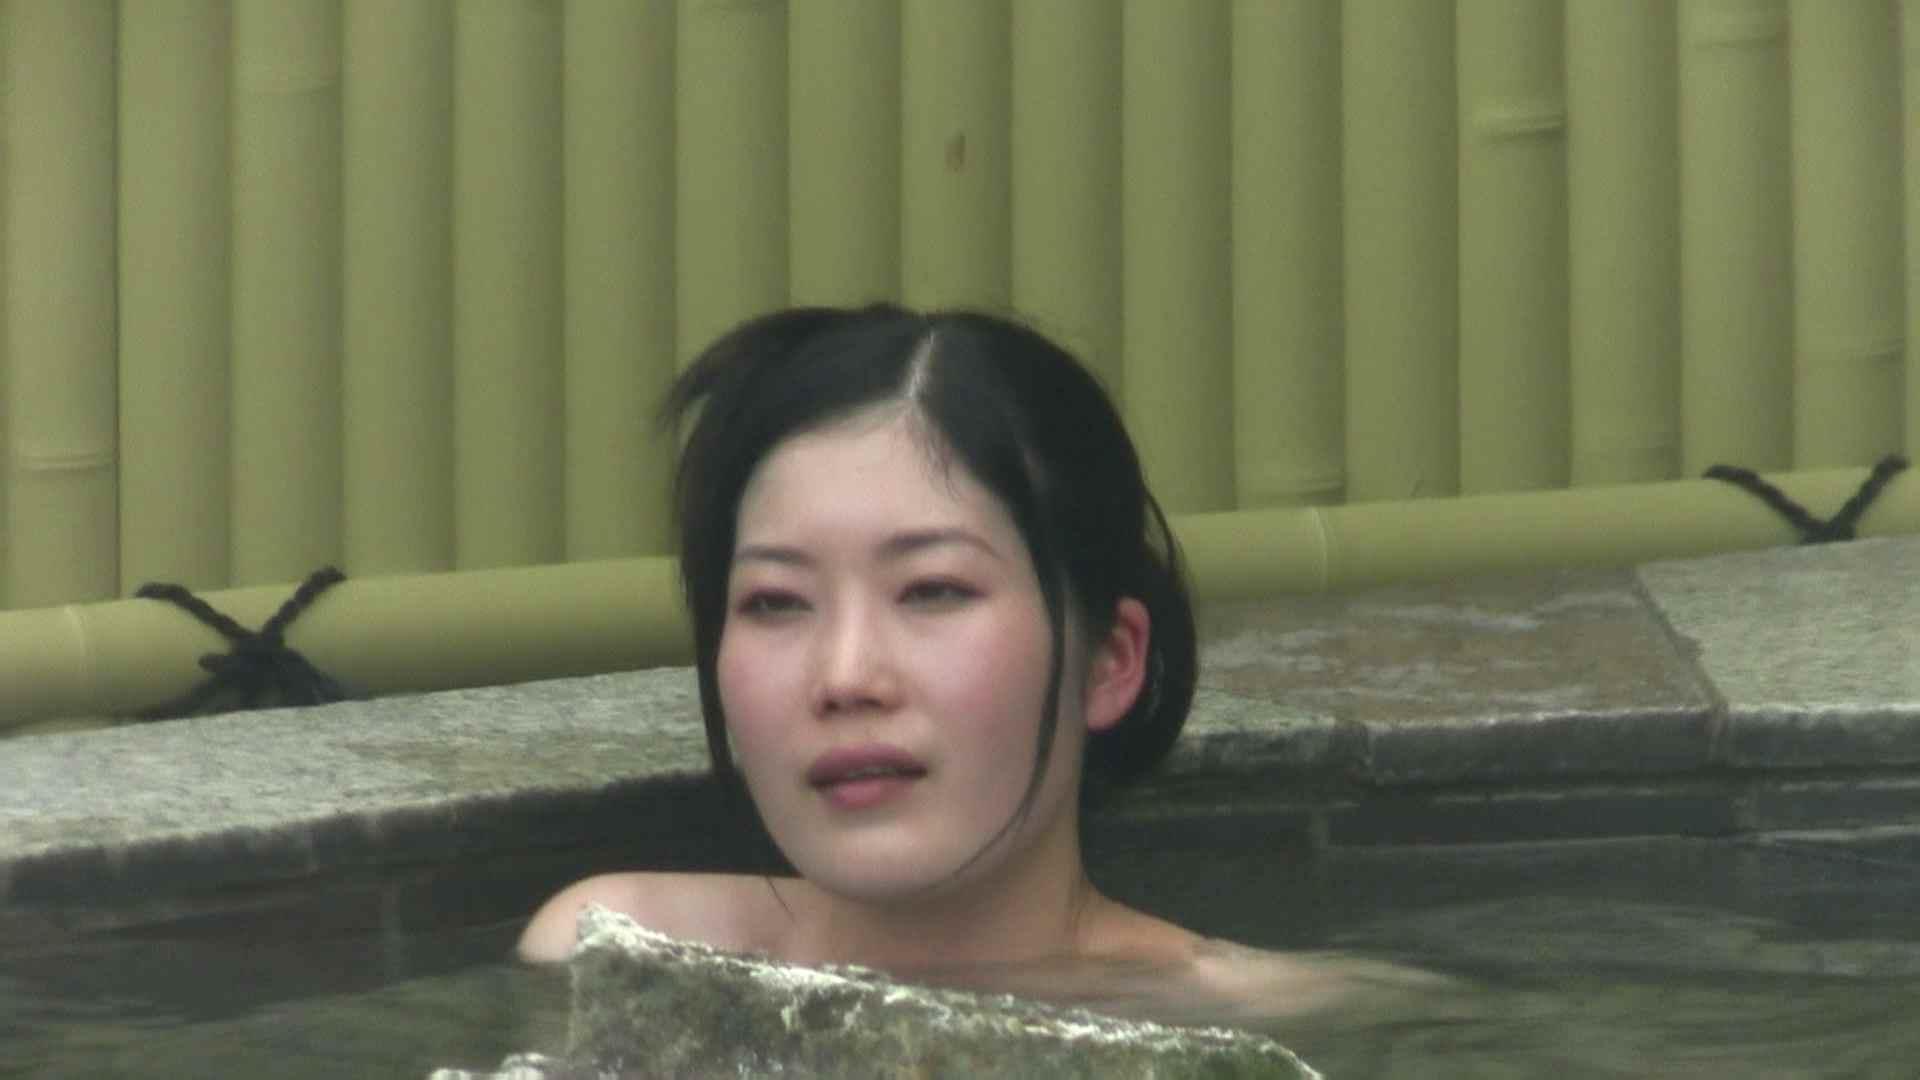 高画質露天女風呂観察 vol.039 乙女すけべ画像 エロ画像 13連発 4